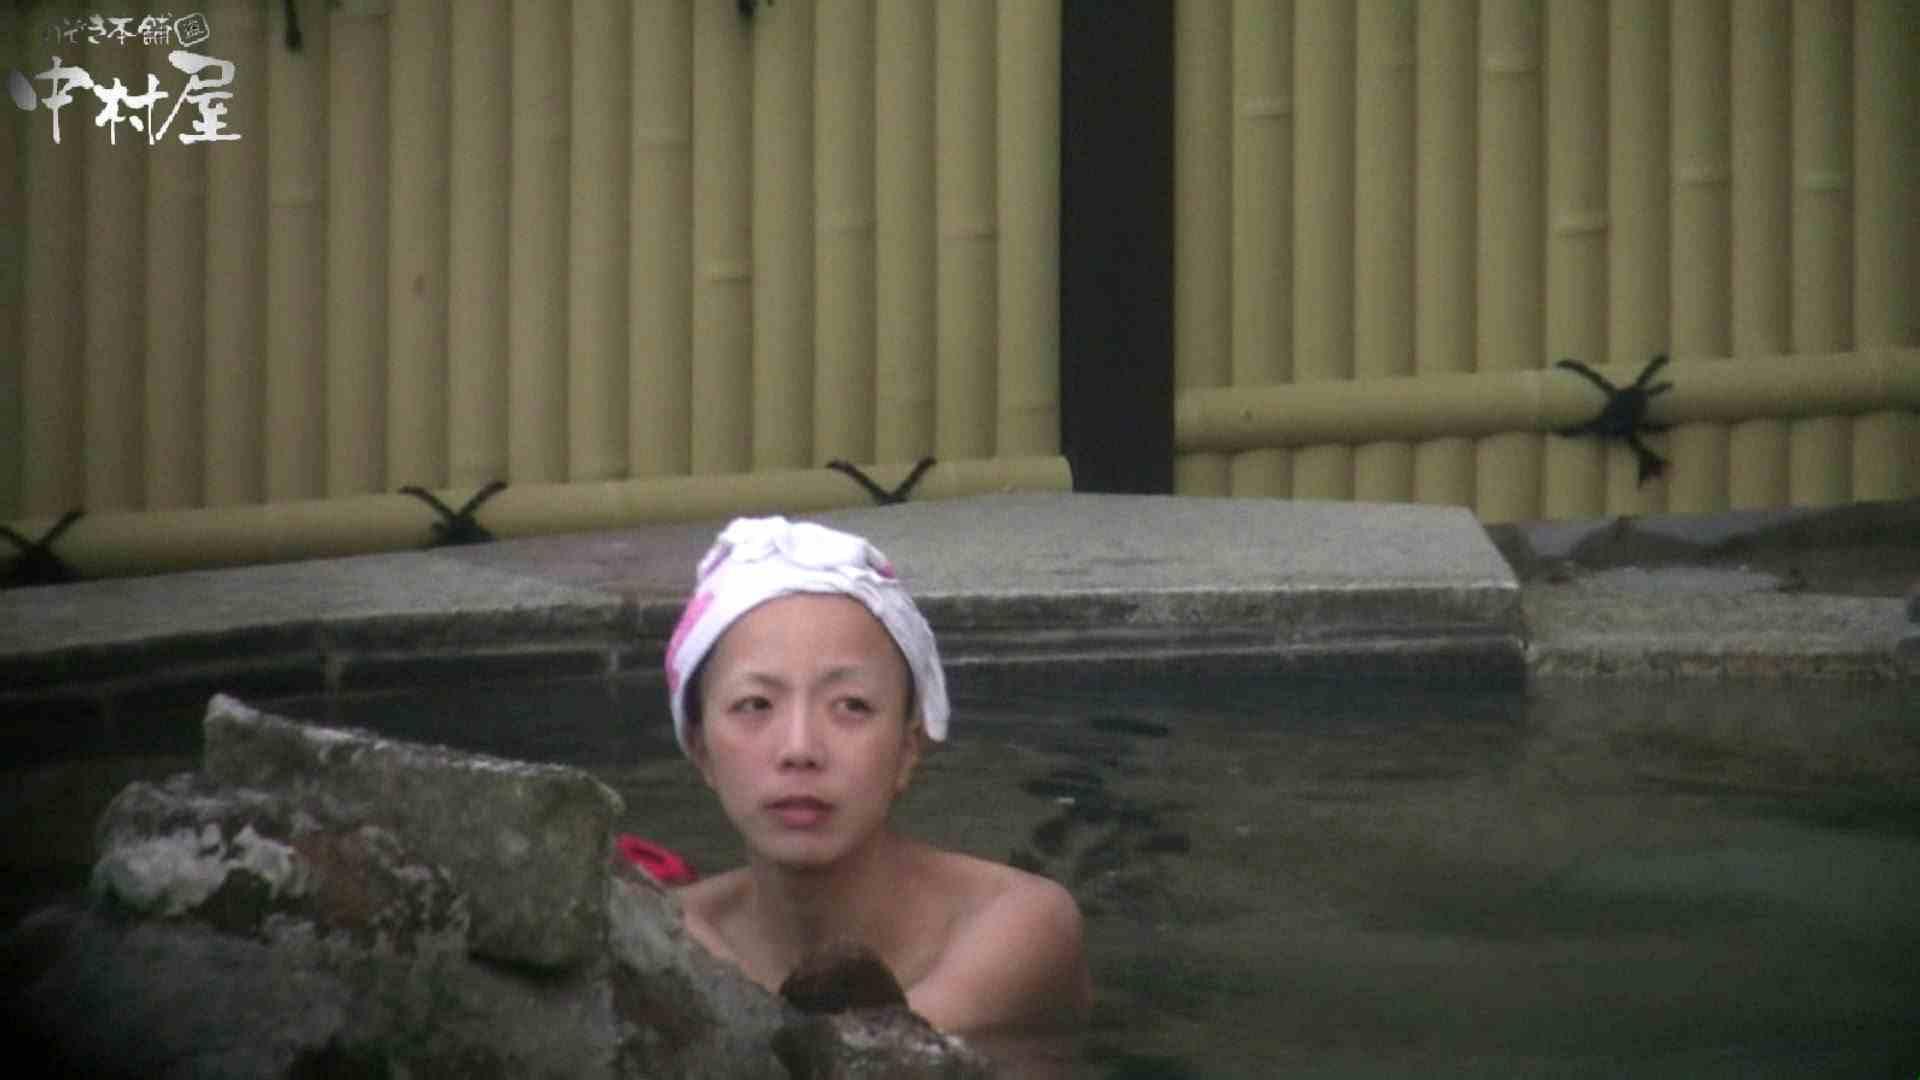 Aquaな露天風呂Vol.929 盗撮   OLのエロ生活  104連発 31